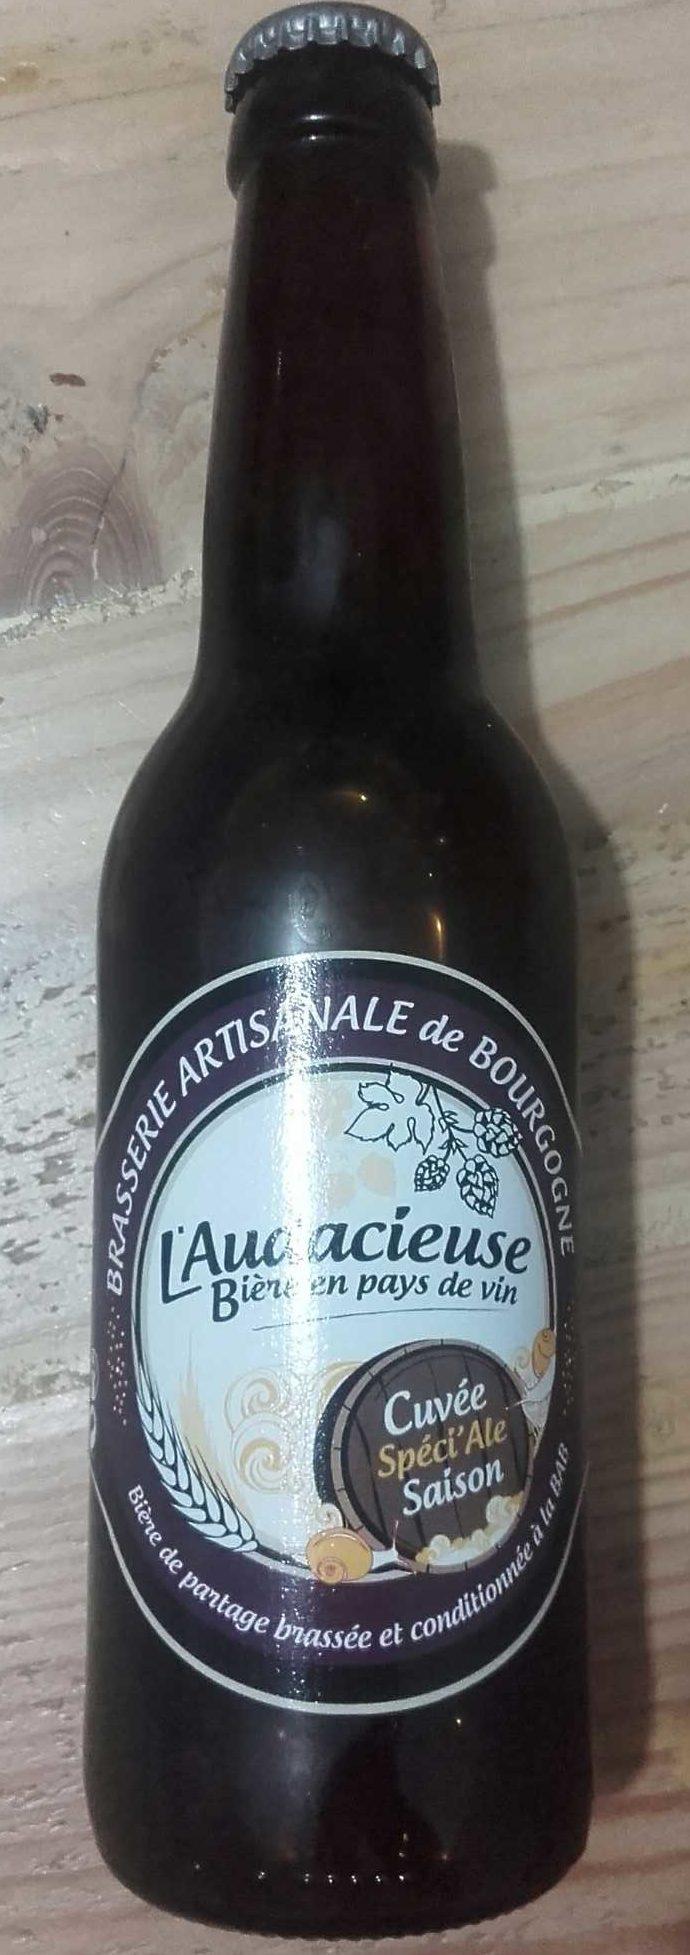 Bière cuvée Spéci'Ale Saison - Produit